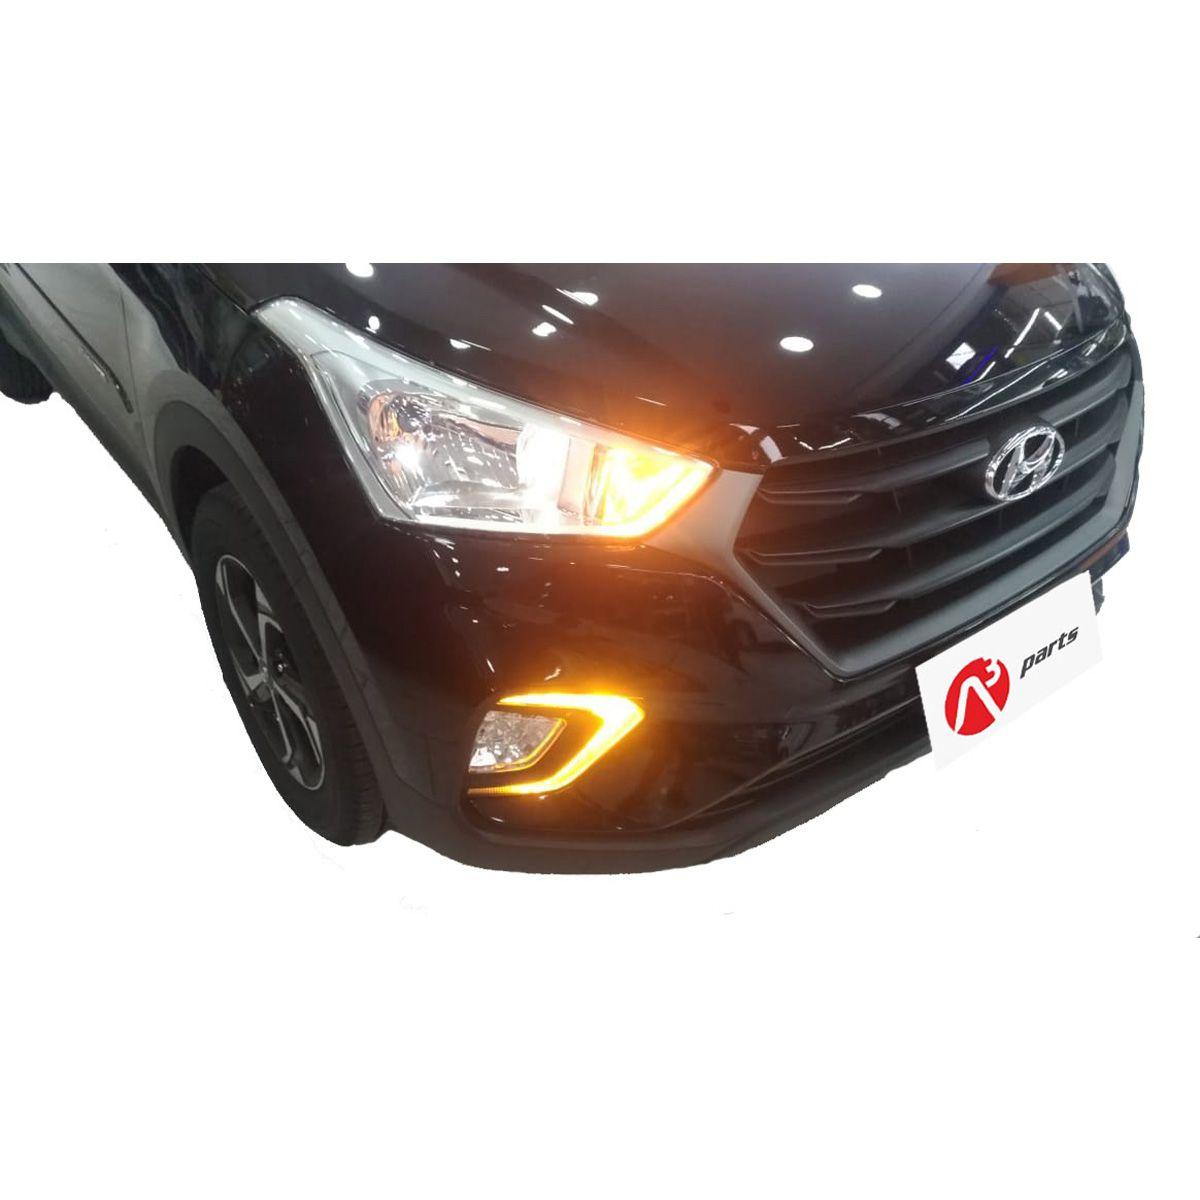 Kit Farol Auxiliar Hyundai Creta 2020 em diante C/ DRL LED e Botão Original - FGS1305HY